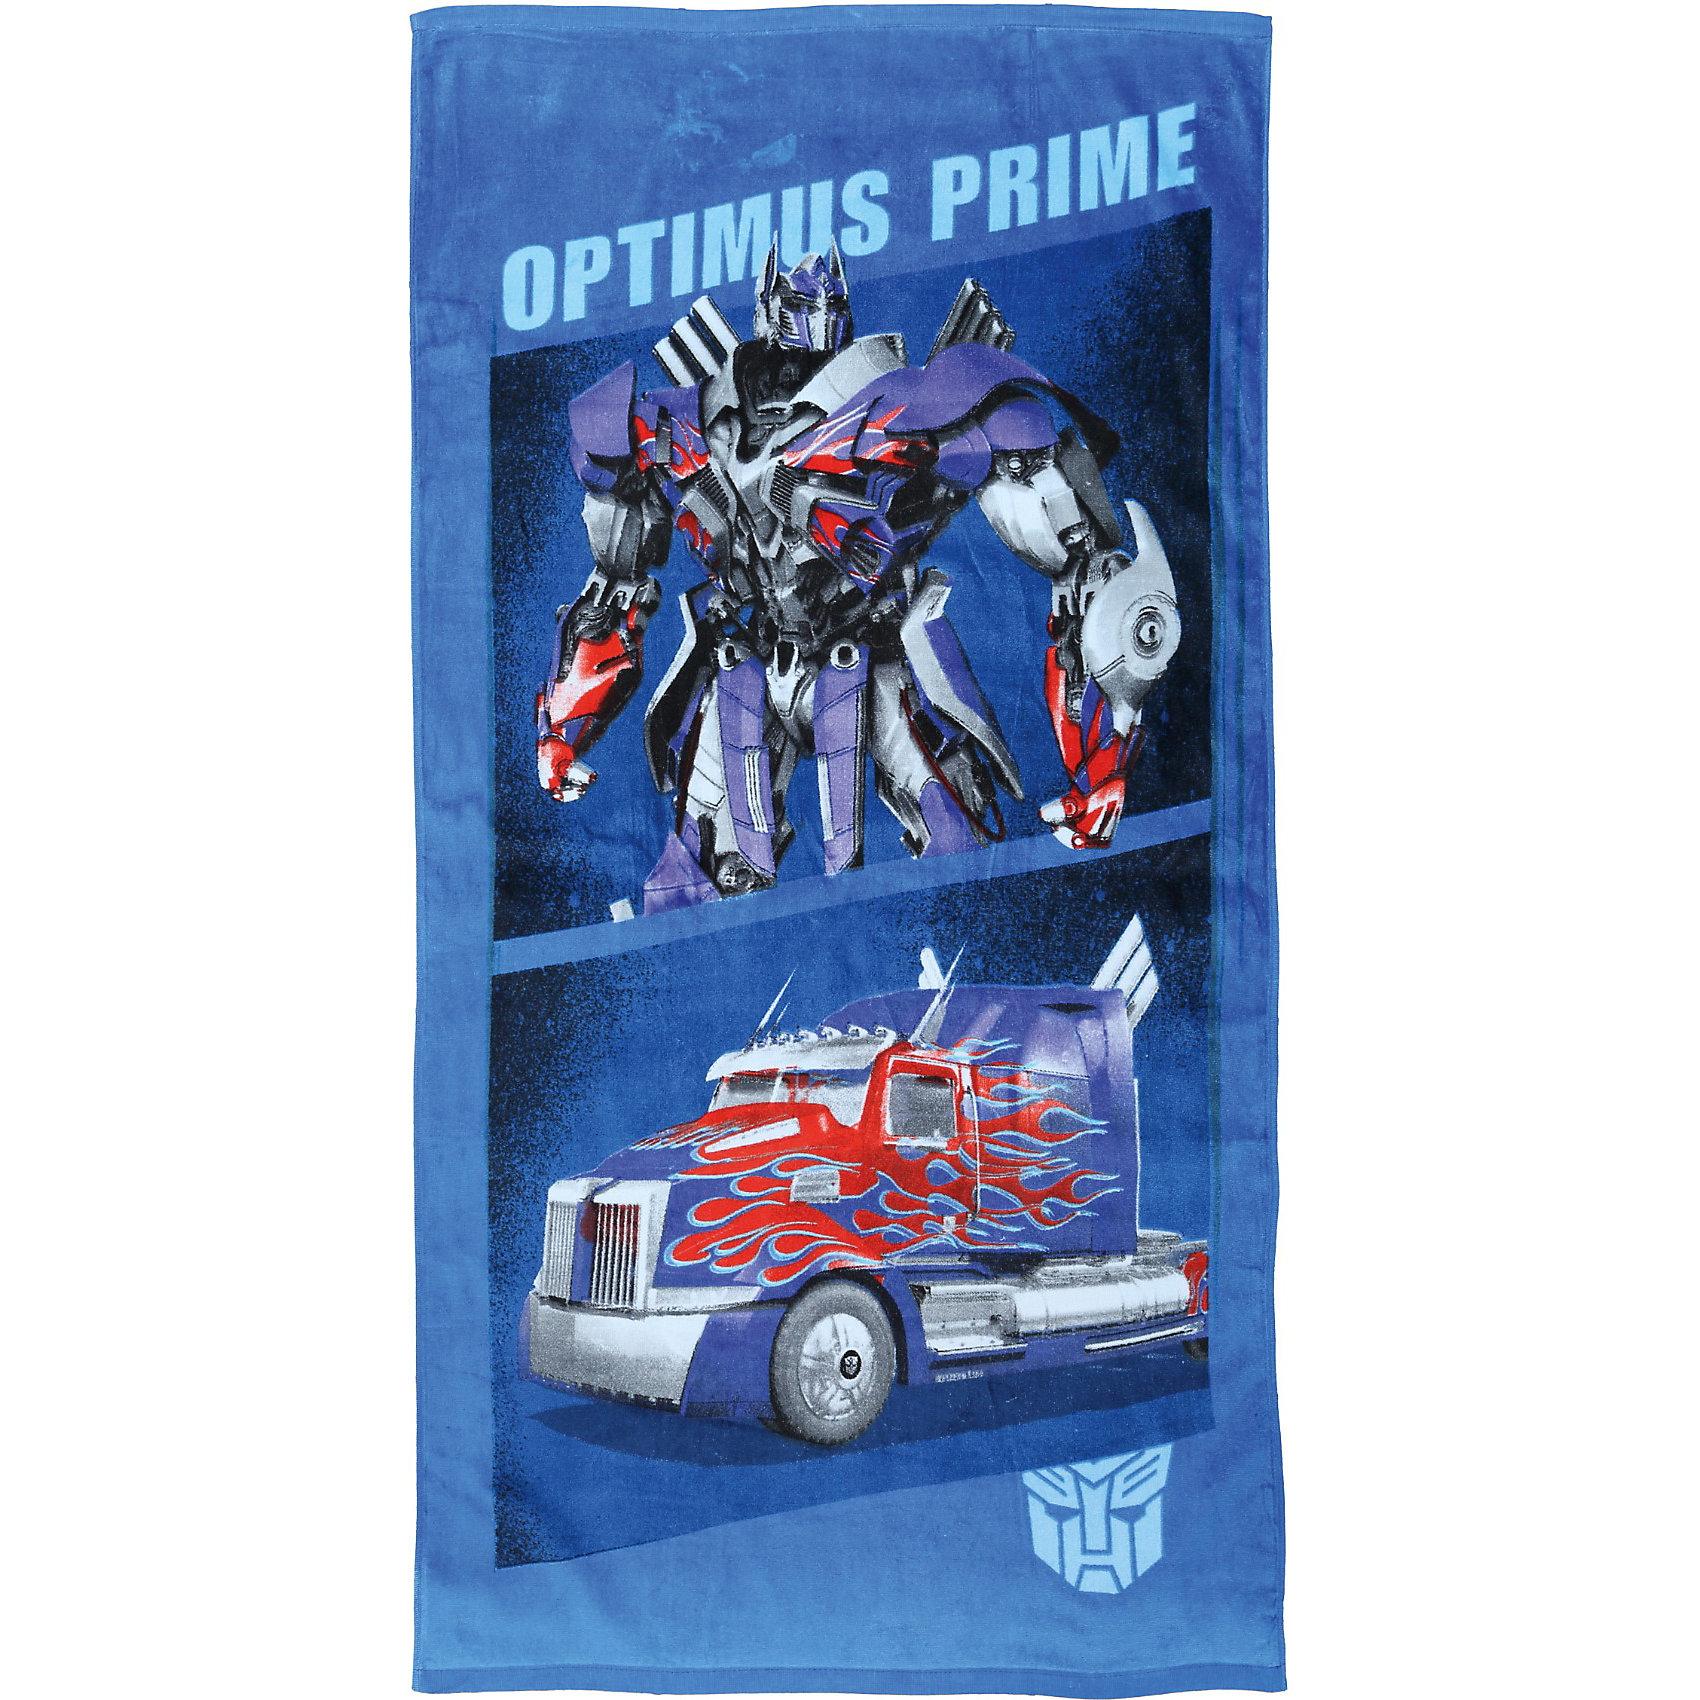 Полотенце Оптимус Прайм,  70*140, ТрансформерыТрансформеры<br>Махровые полотенца коллекции Transformers (Трансформеры) выполнены из 100% хлопка с яркими изображениями любимых героев.<br><br>Дополнительная информация:<br><br>Размер: 70*140<br><br>Полотенце махровое Оптимус Прайм 70*140 см, Трансформеры можно купить в нашем магазине.<br><br>Ширина мм: 600<br>Глубина мм: 10<br>Высота мм: 250<br>Вес г: 350<br>Возраст от месяцев: 60<br>Возраст до месяцев: 180<br>Пол: Мужской<br>Возраст: Детский<br>SKU: 3849093